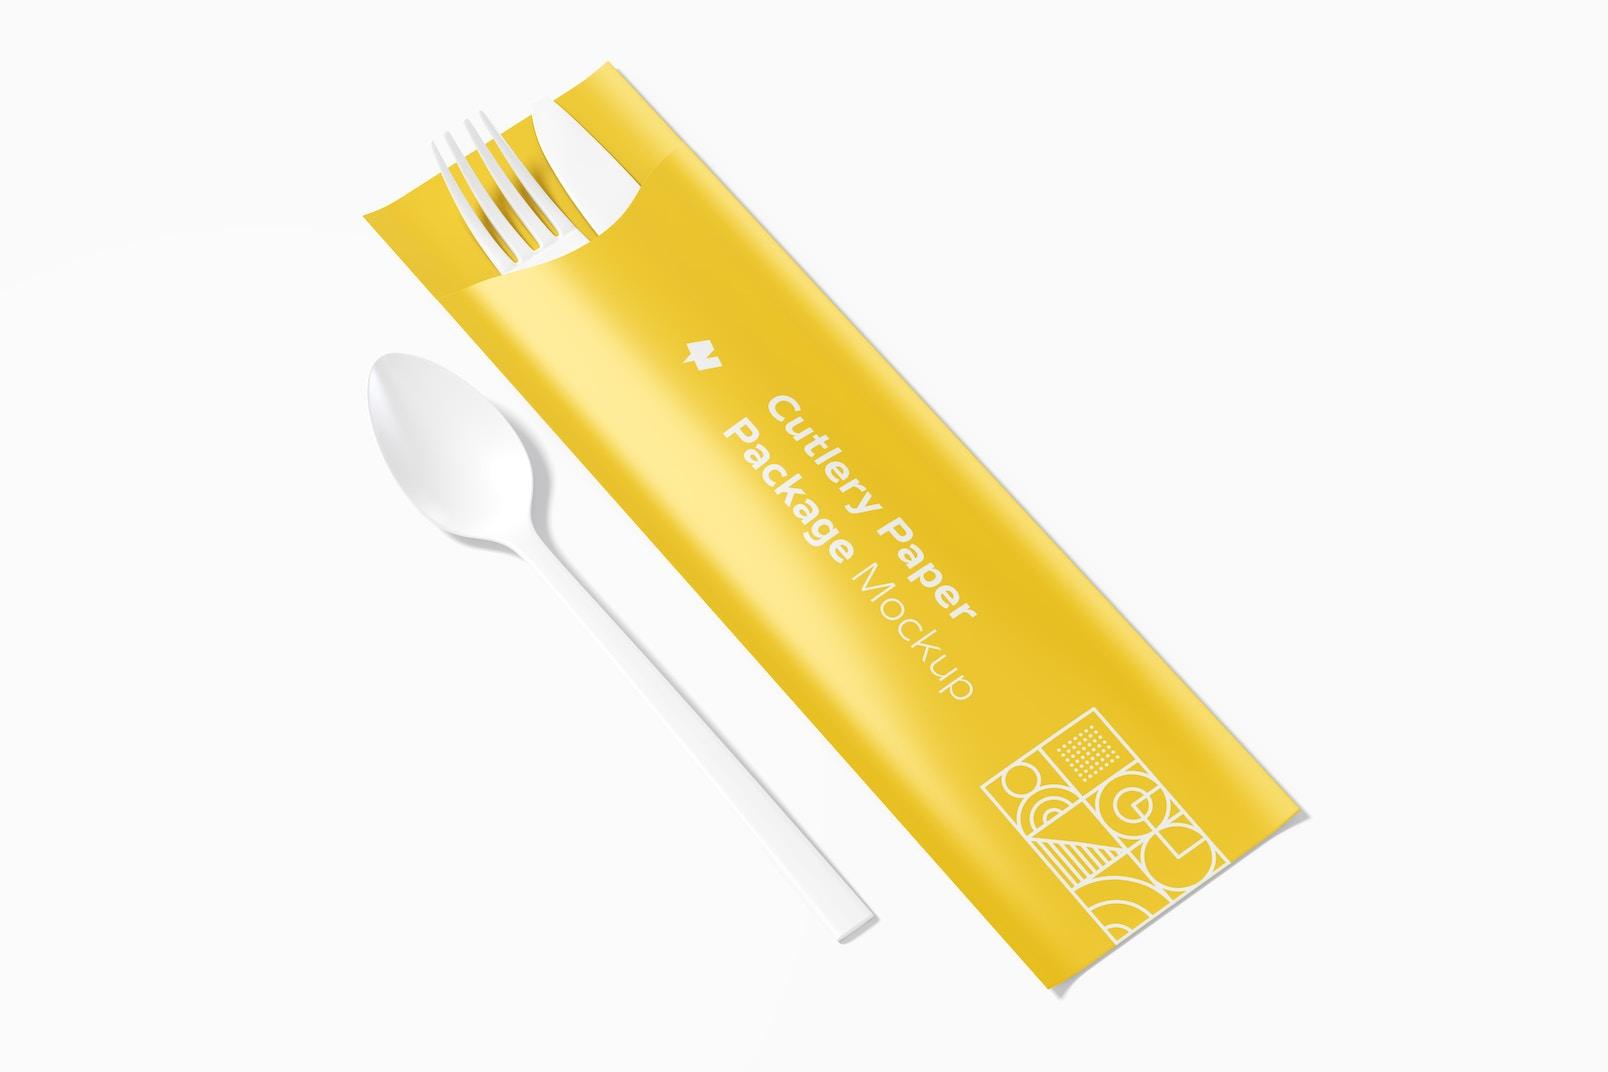 Cutlery Paper Package Mockup